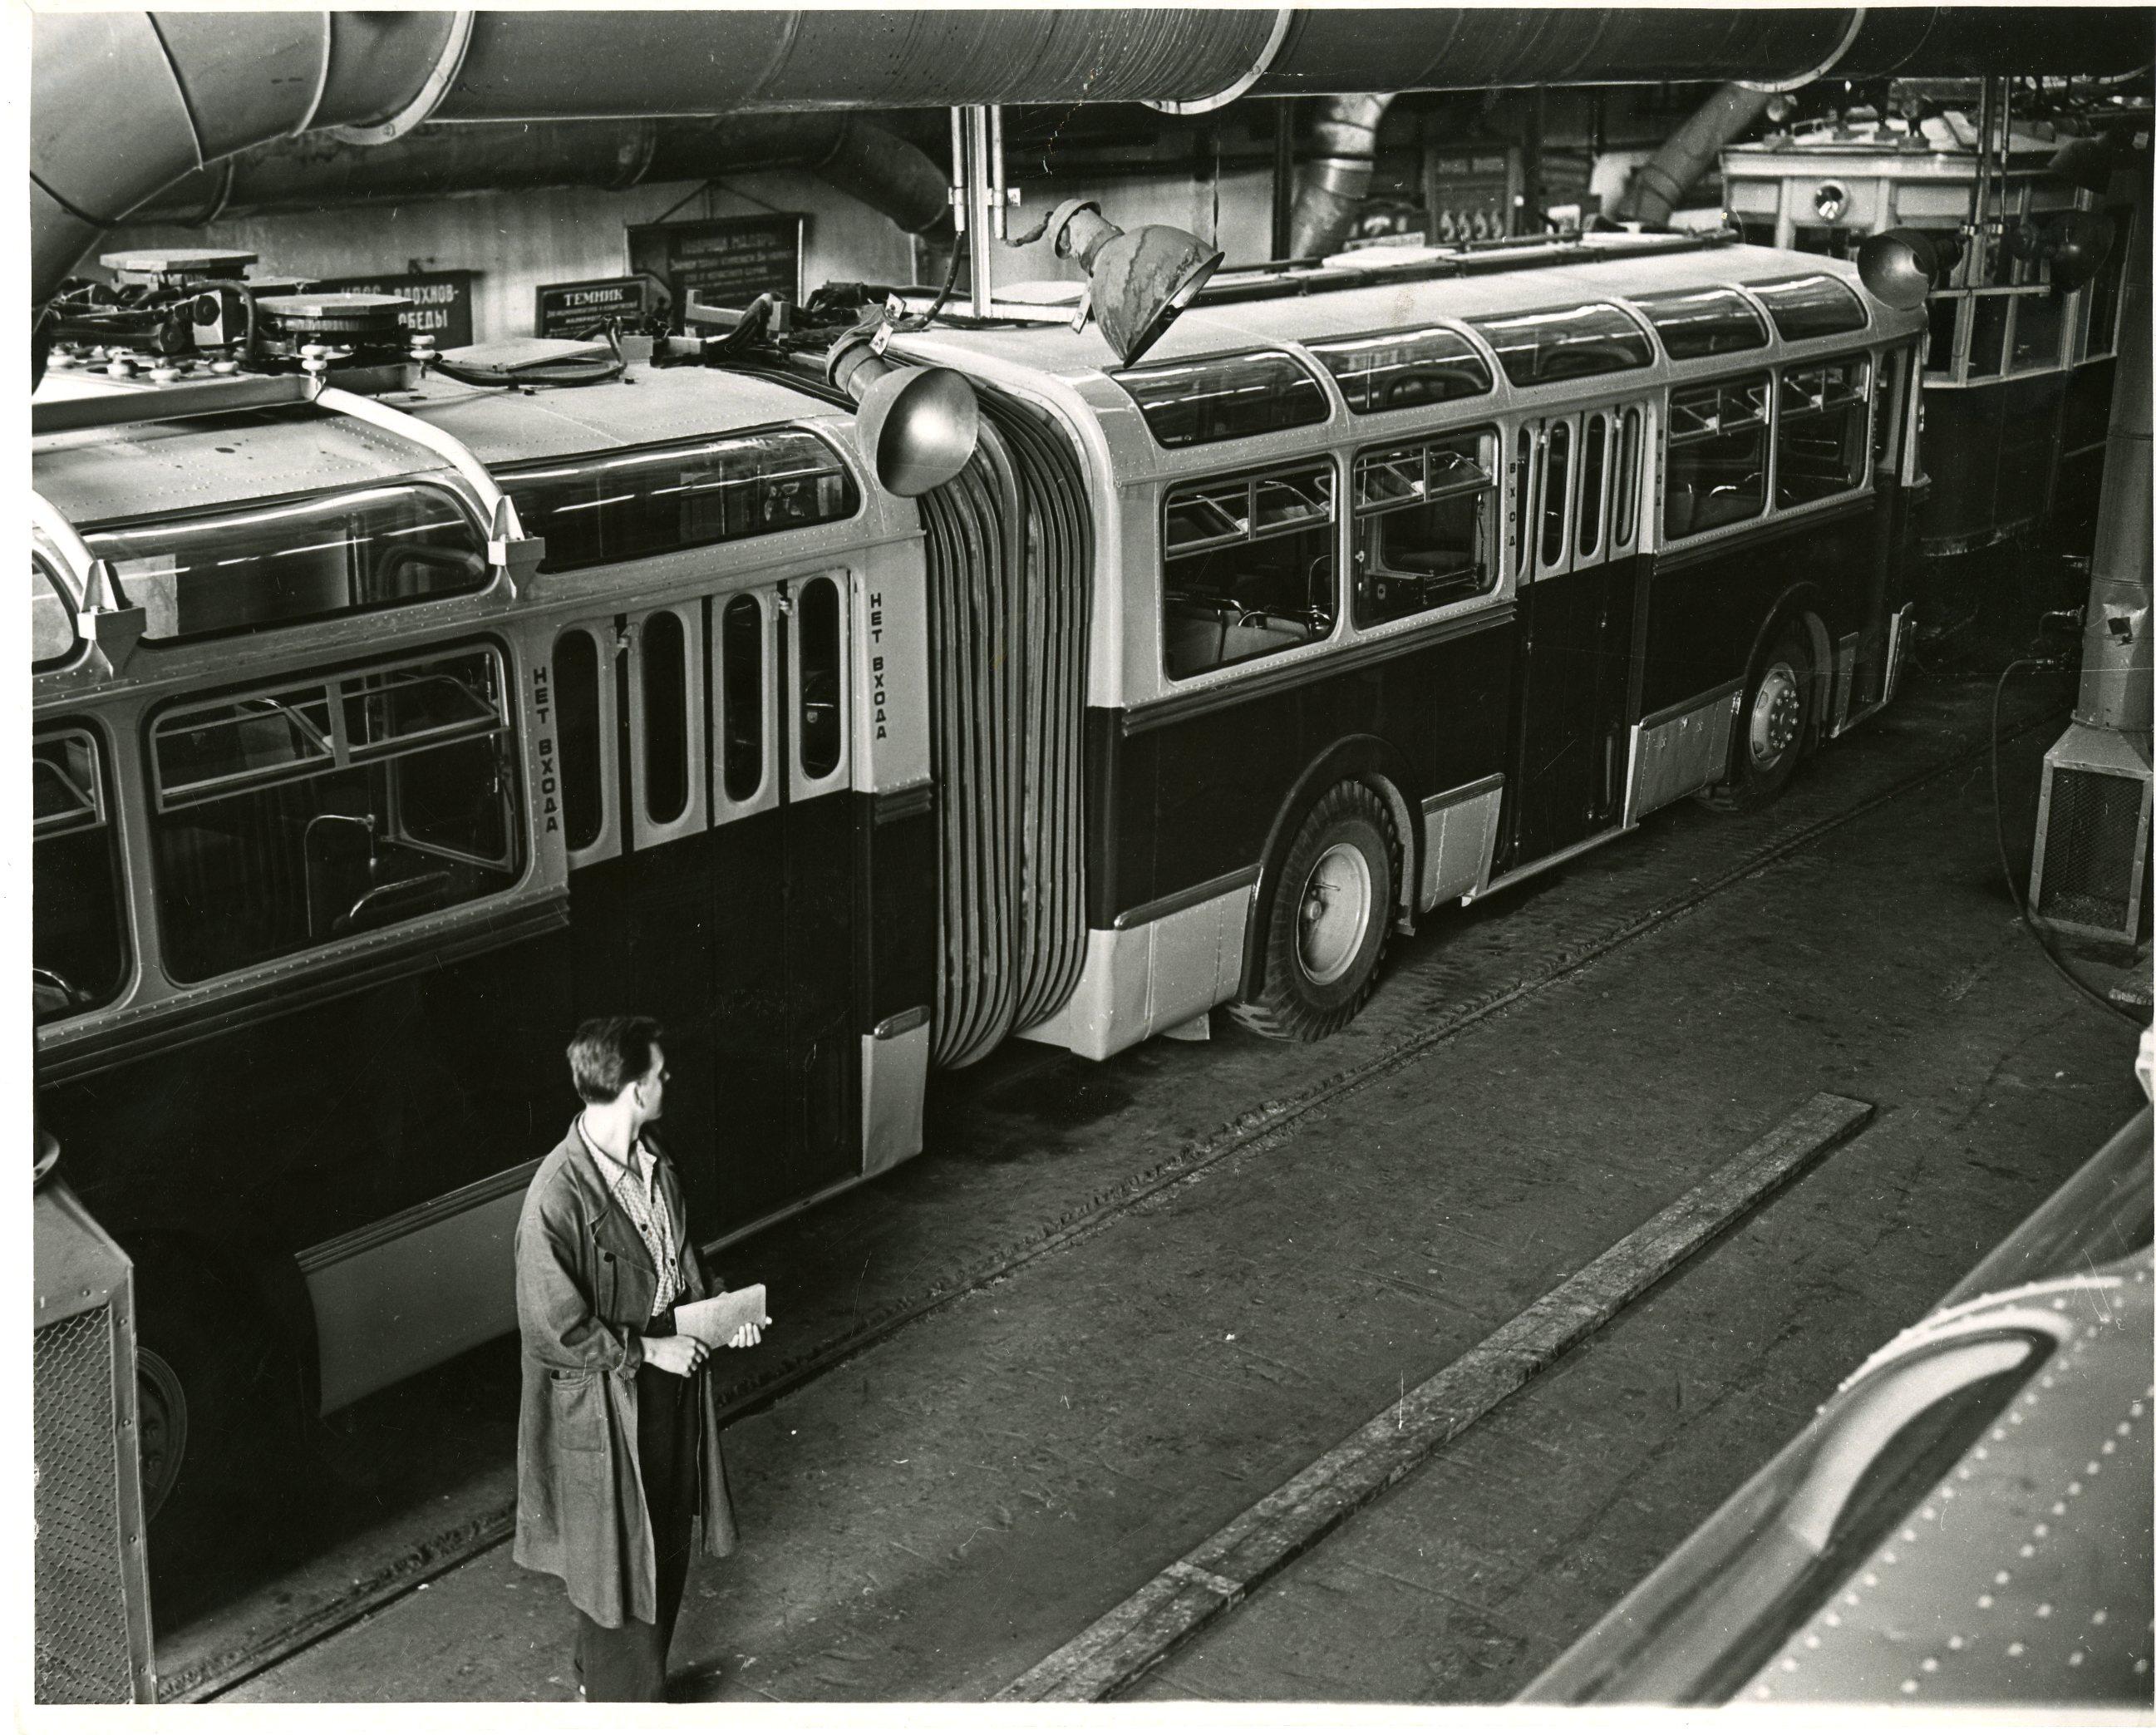 Валентин Кунов «Сокольнический вагоноремонтный завод закончил испытание первого сочлененного троллейбуса ТС-1», 22 августа1959 г.